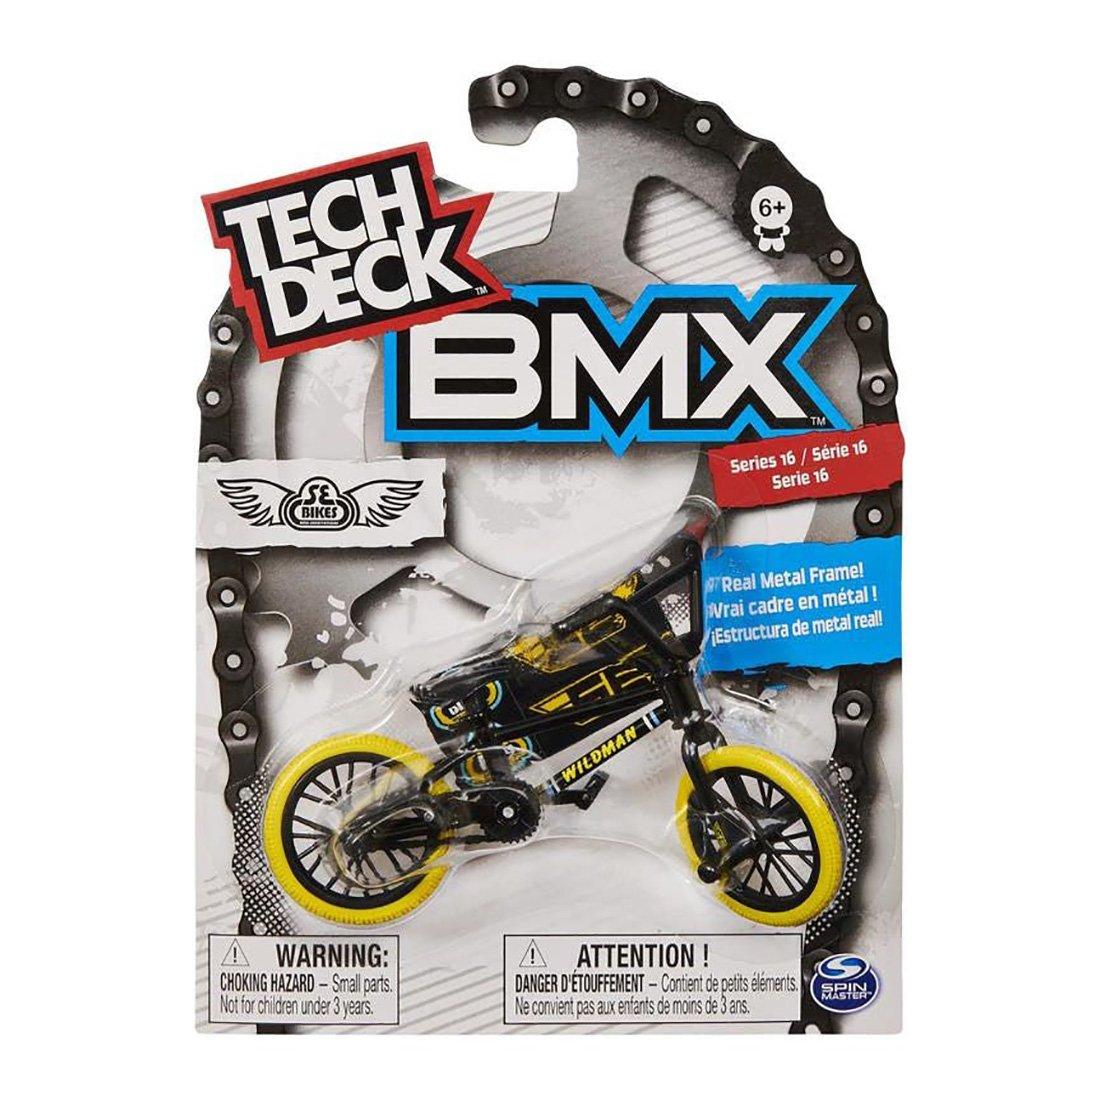 Mini BMX bike, Tech Deck, 16 SE, 20123469